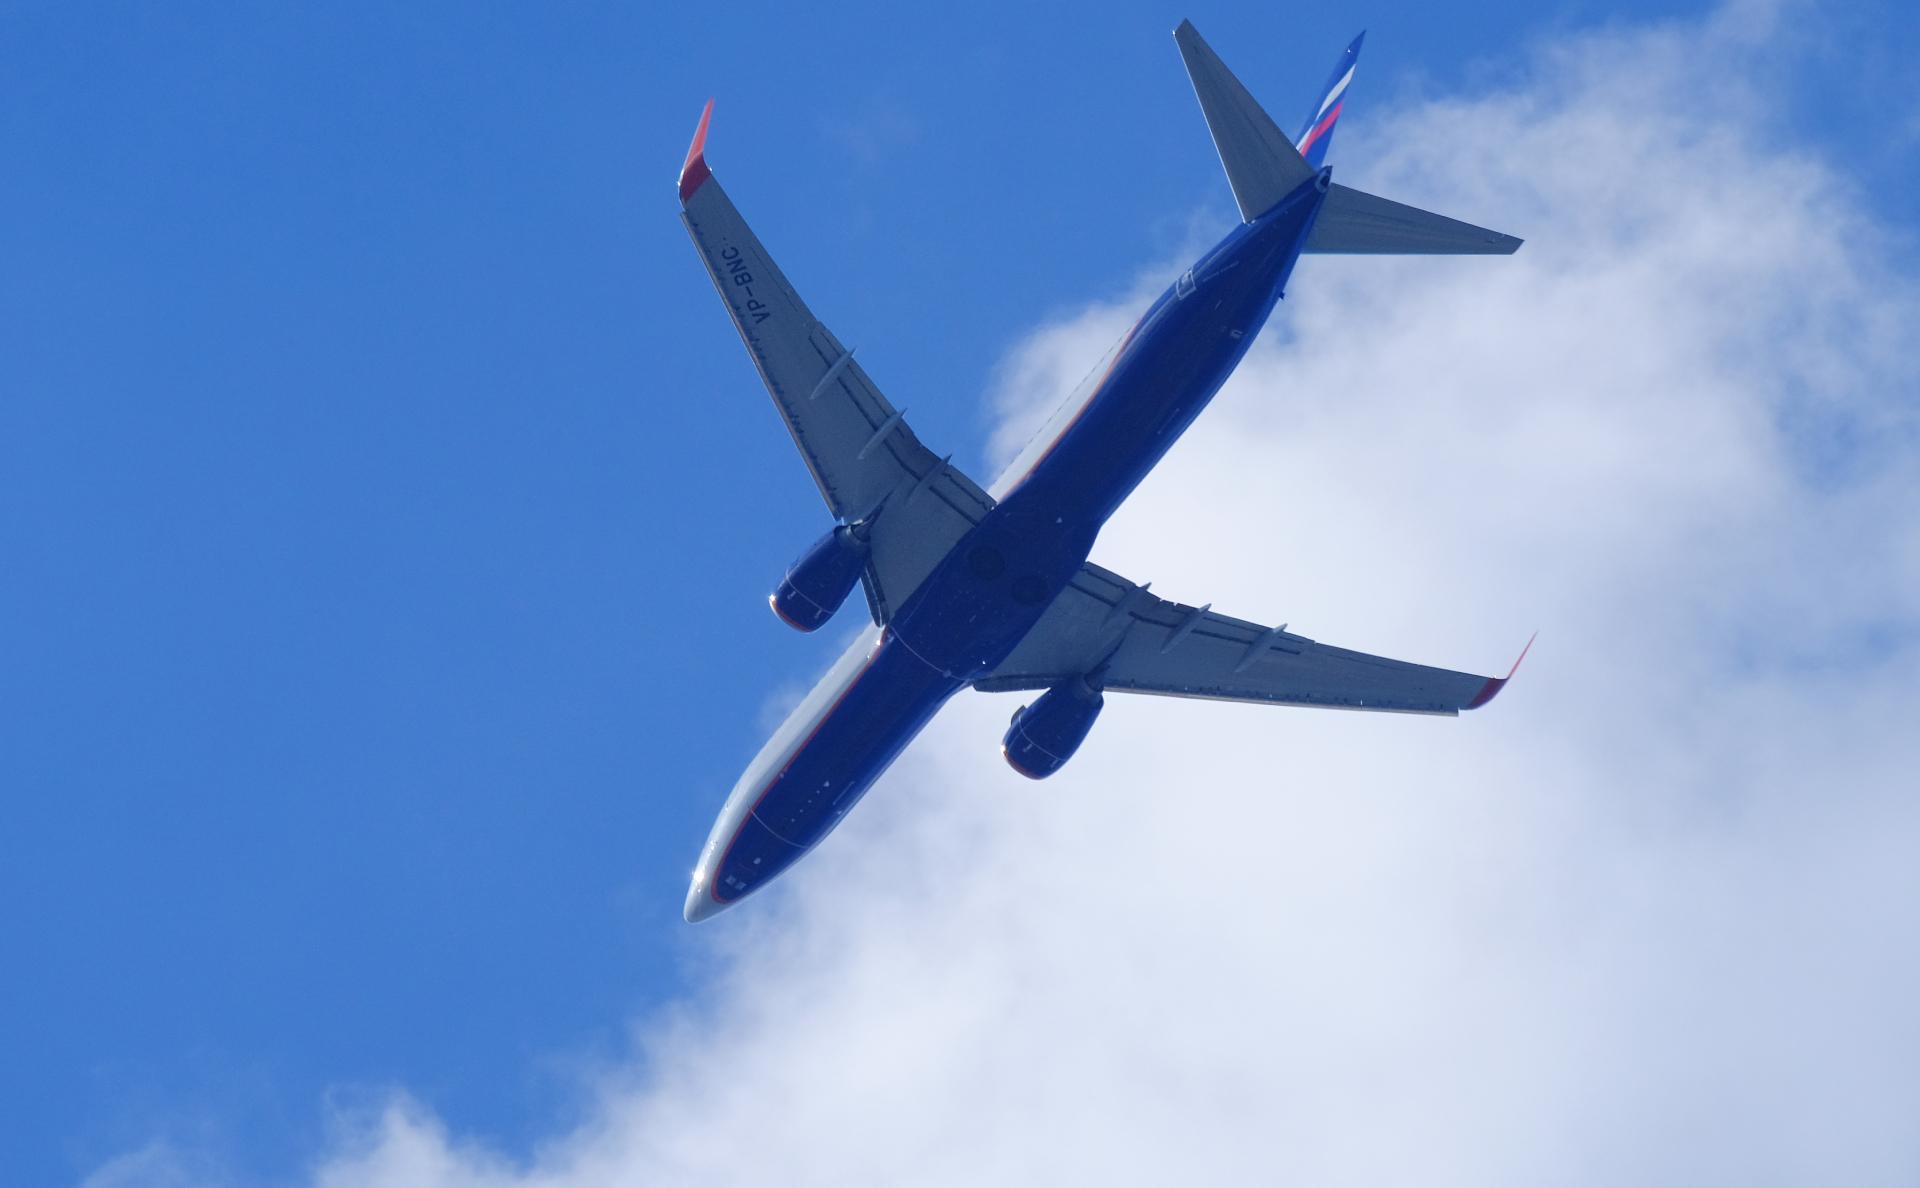 Минтранс Якутии разъясняет по поводу субсидированных пассажирских авиаперевозок